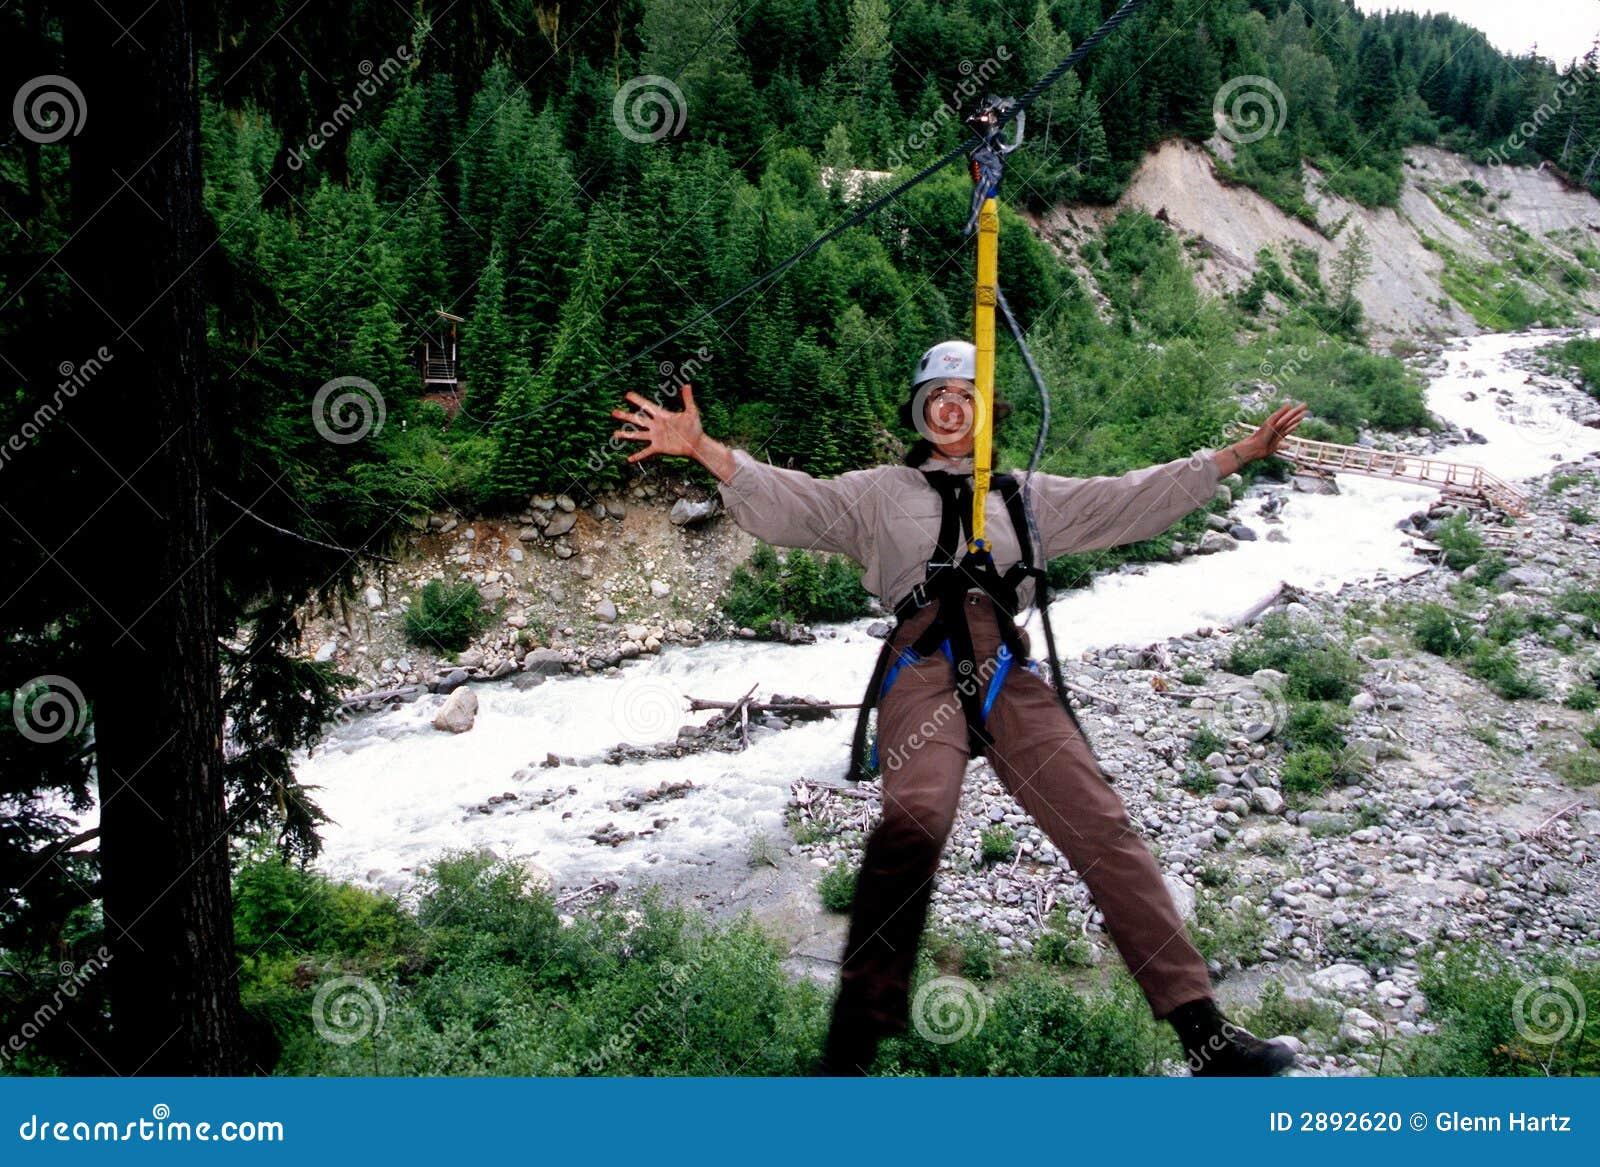 Whistler ziplining.